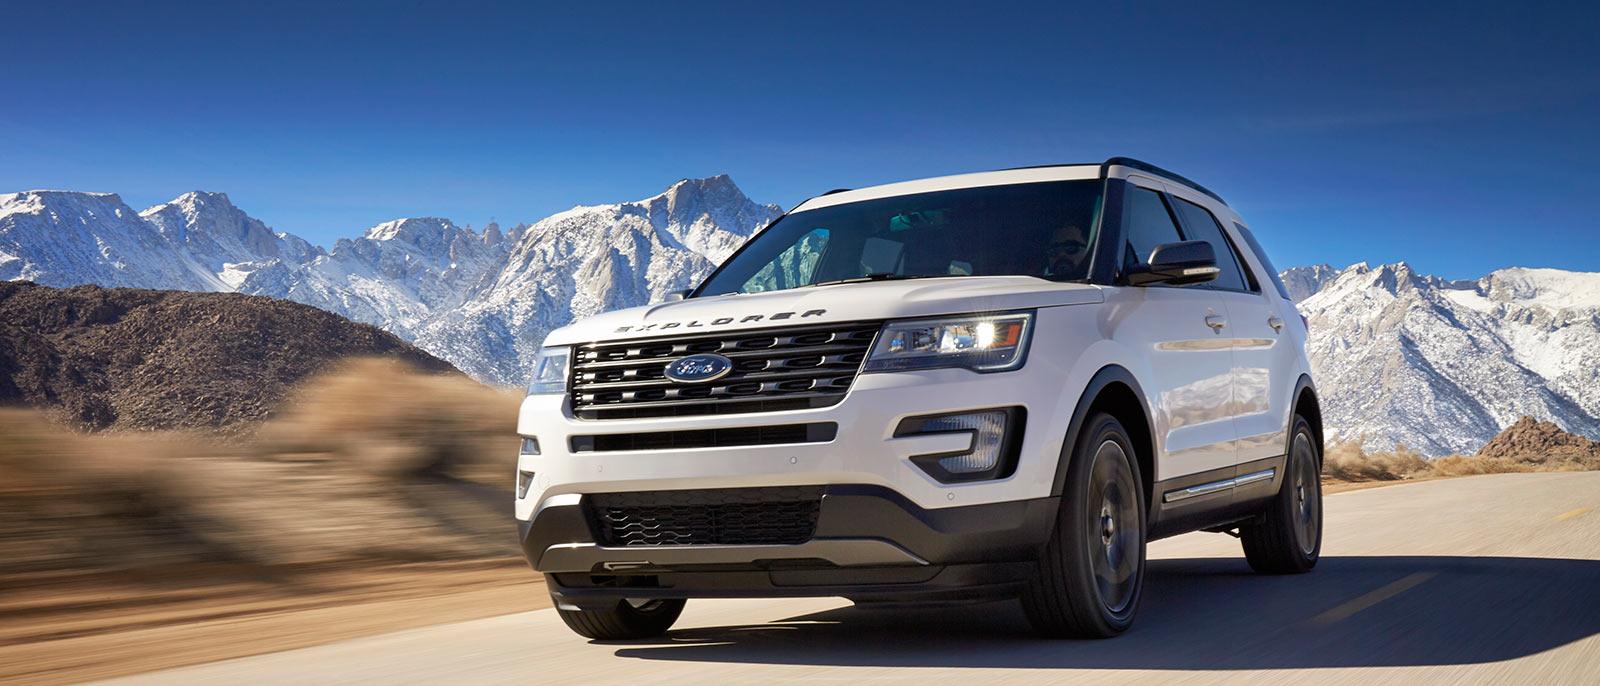 Explorer driving 2017 ford explorer